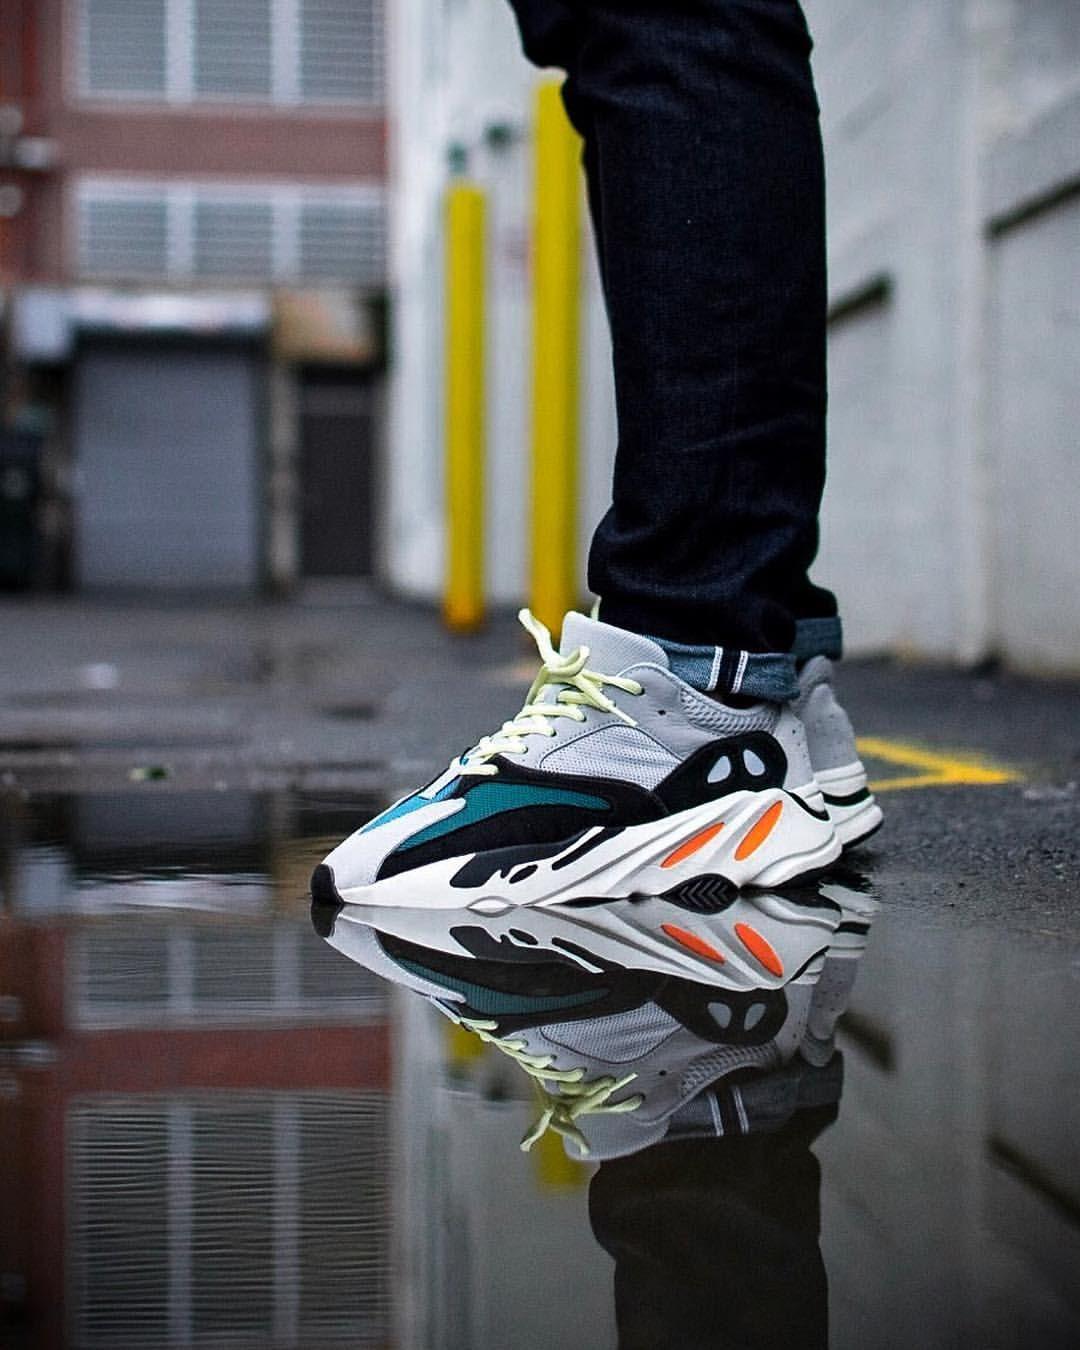 adidas Yeezy 700 Wave Runner | Yeezy